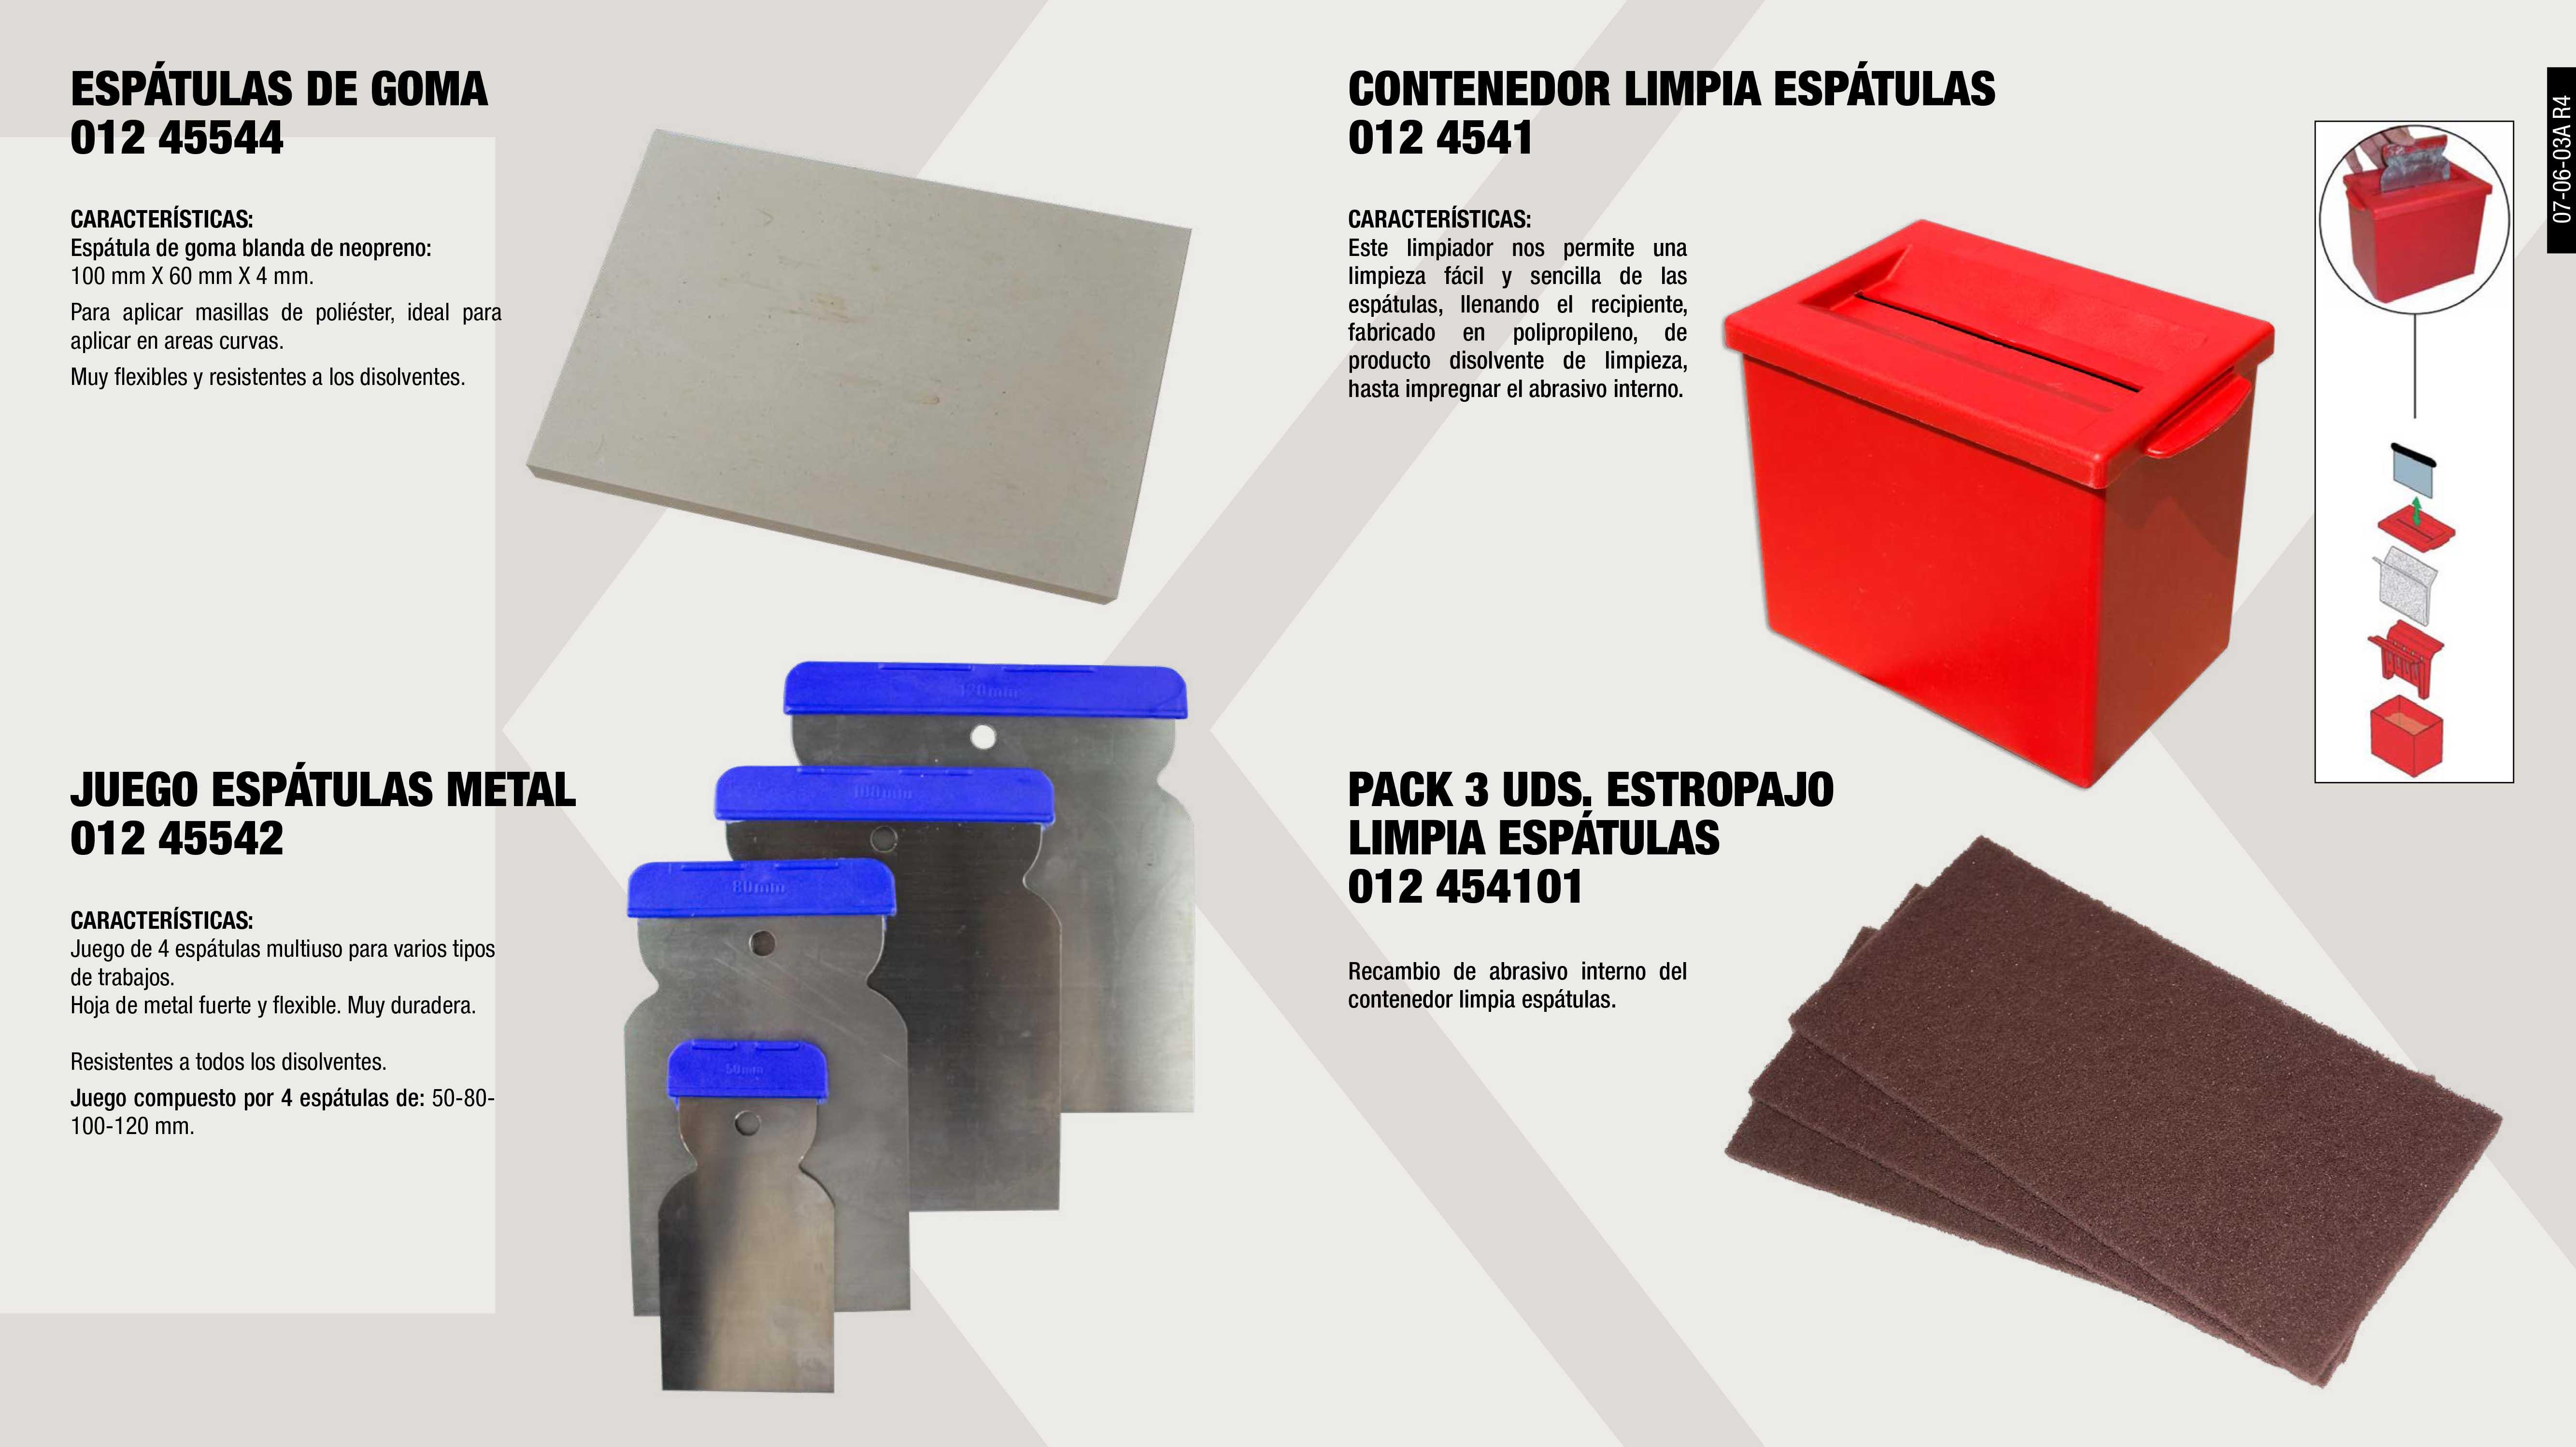 JUEGO ESPATULAS METAL JAPAN                                 ,  CONTENEDOR LIMPIA ESPATULAS                                 ,  PACK 3 UDS ESTROPAJO LIMPIAESPATULAS  0124541               ,  ESPATULAS GOMA 100X60X4MM                                   ,